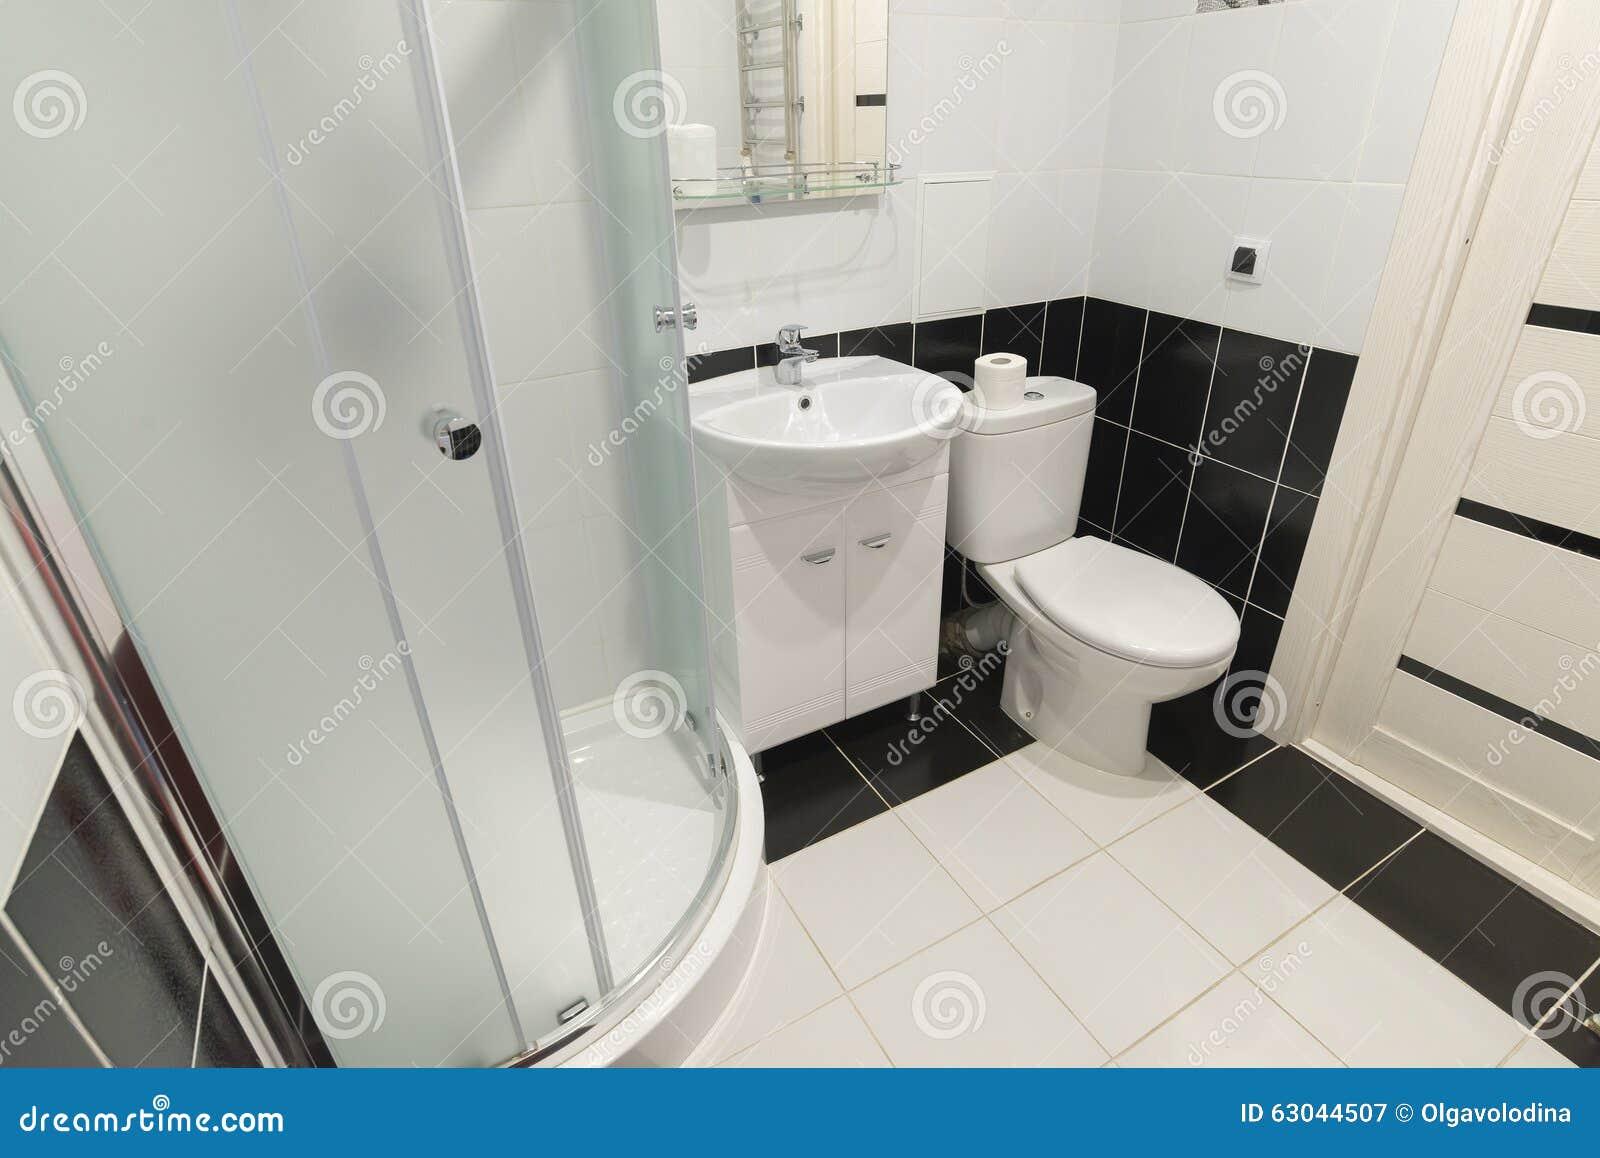 De binnenlandse douches met toiletten zijn in zwart wit stock